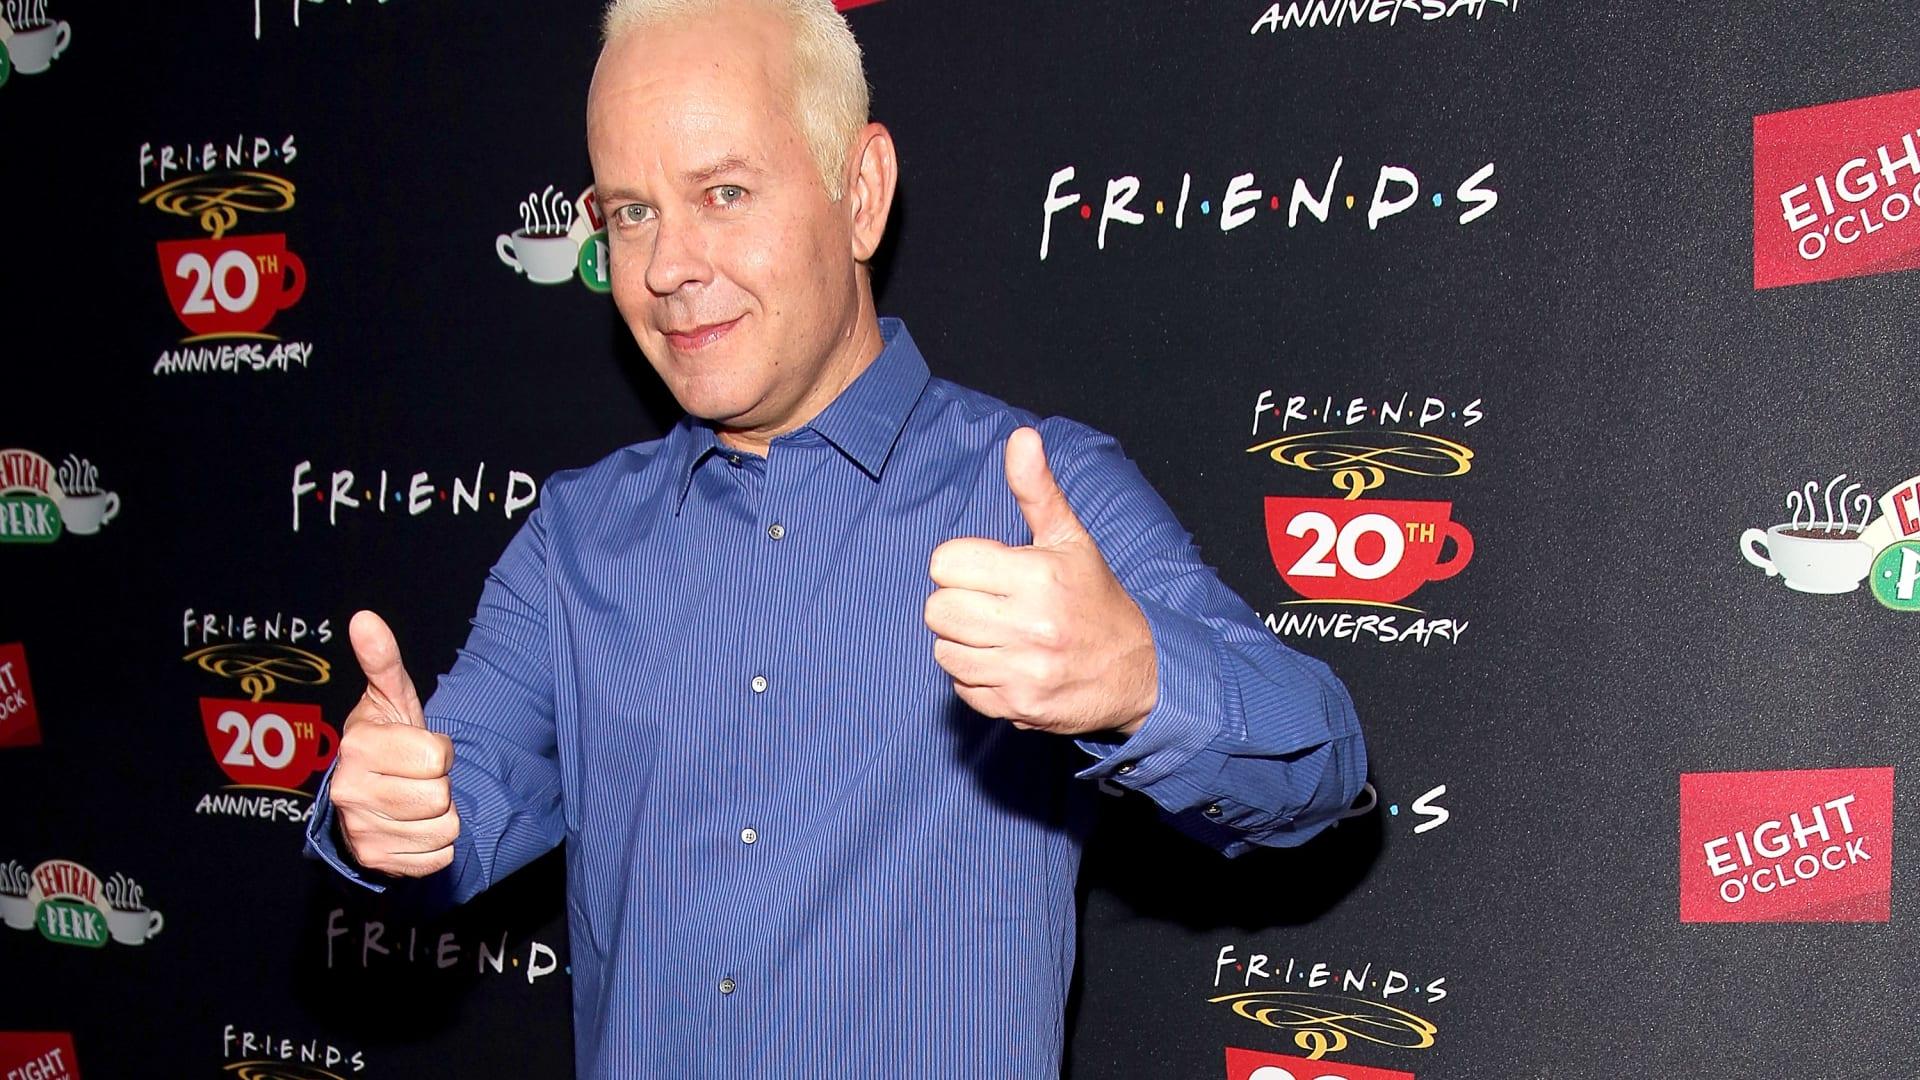 """الممثل جيمس مايكل تايلر أثناء الاحتفال بالذكرى العشرين لـ """"Friends"""" في 16 سبتمبر 2014 في مدينة نيويورك"""